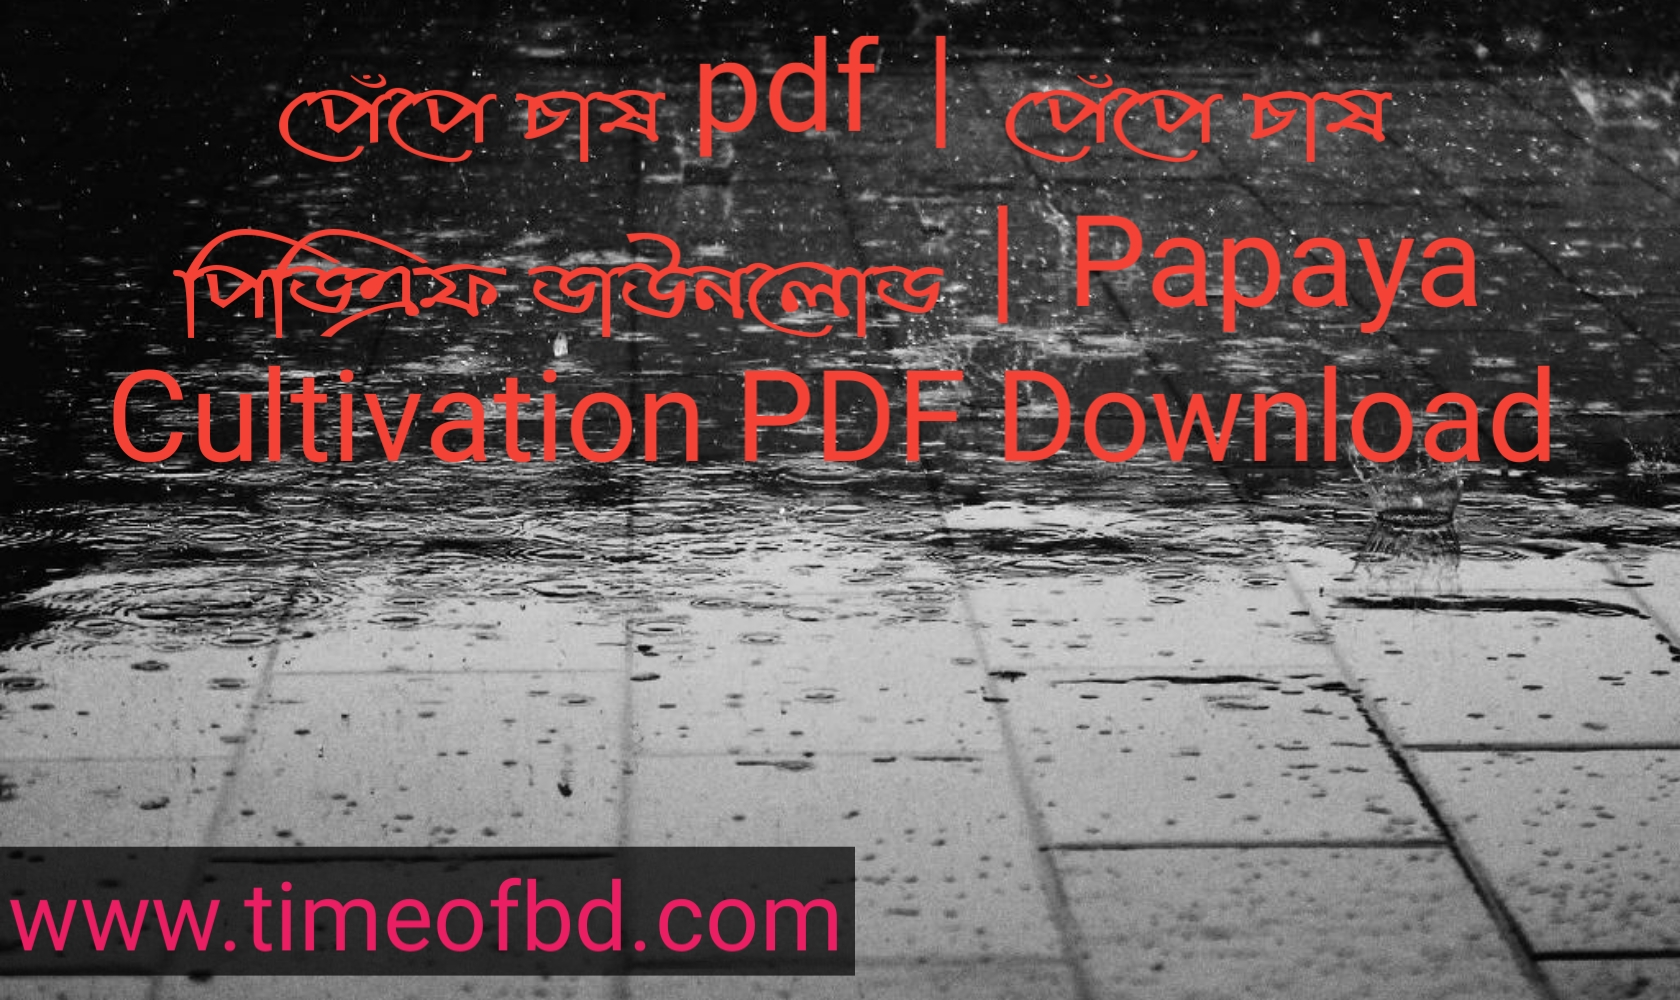 পেঁপে চাষ pdf, পেঁপে চাষ পিডিএফ ডাউনলোড, পেঁপে চাষ পিডিএফ, পেঁপে চাষ pdf download,